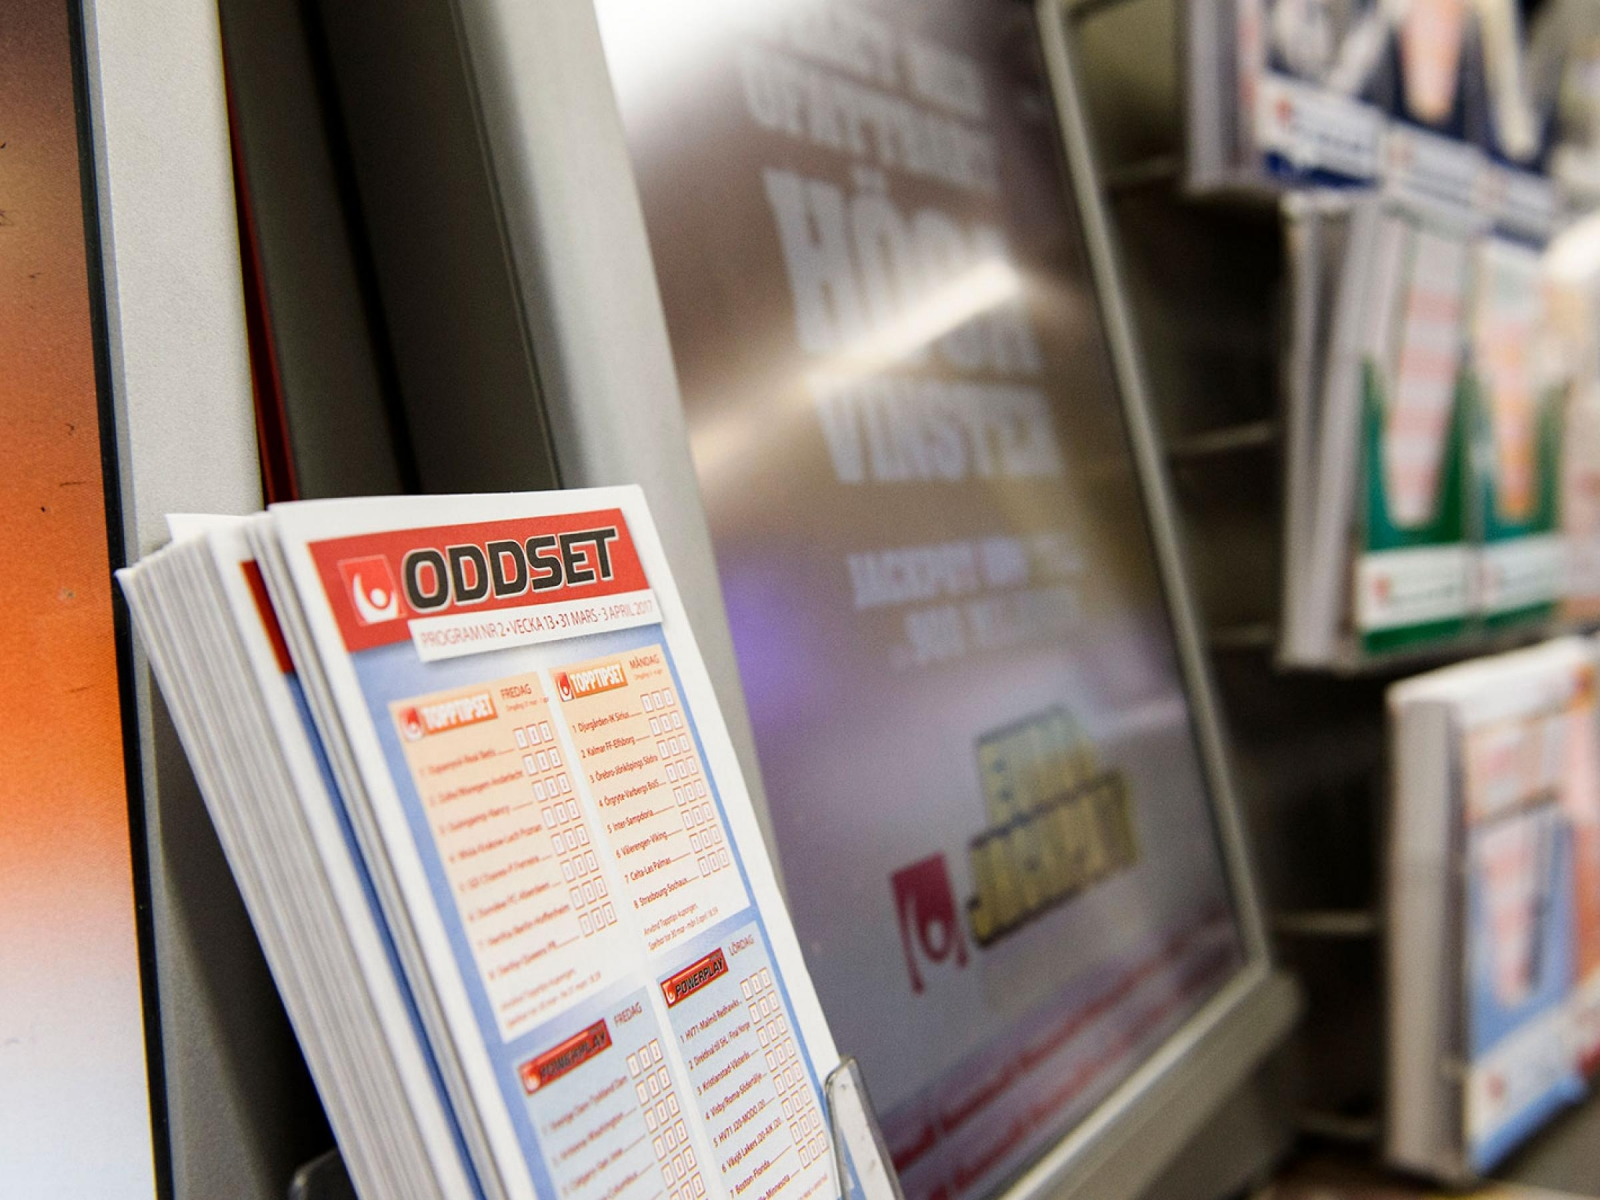 Interiör från en spelbutik. Spelkuponger för spel på Oddset från Svenska  spel. Foto  Noella Johansson   TT 79c20e86f5d6b